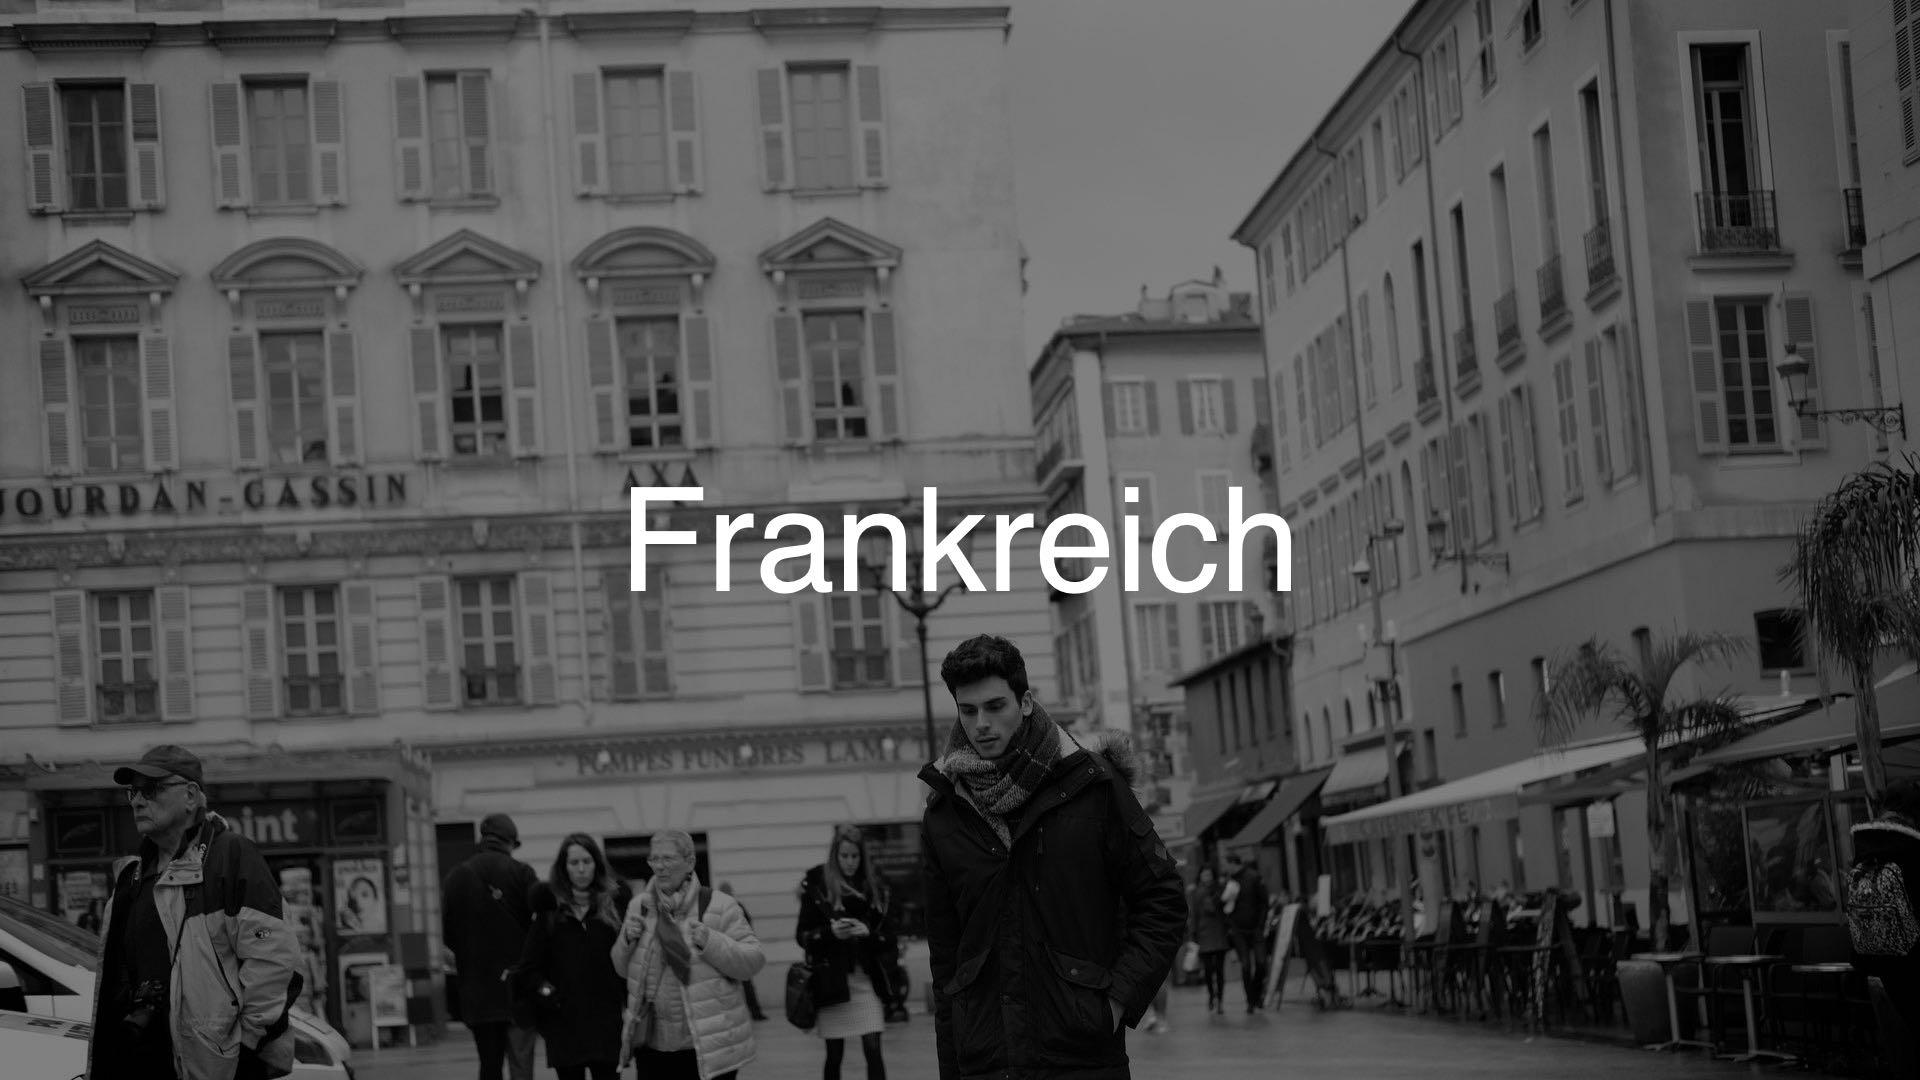 Frankreich Header 1920×1080